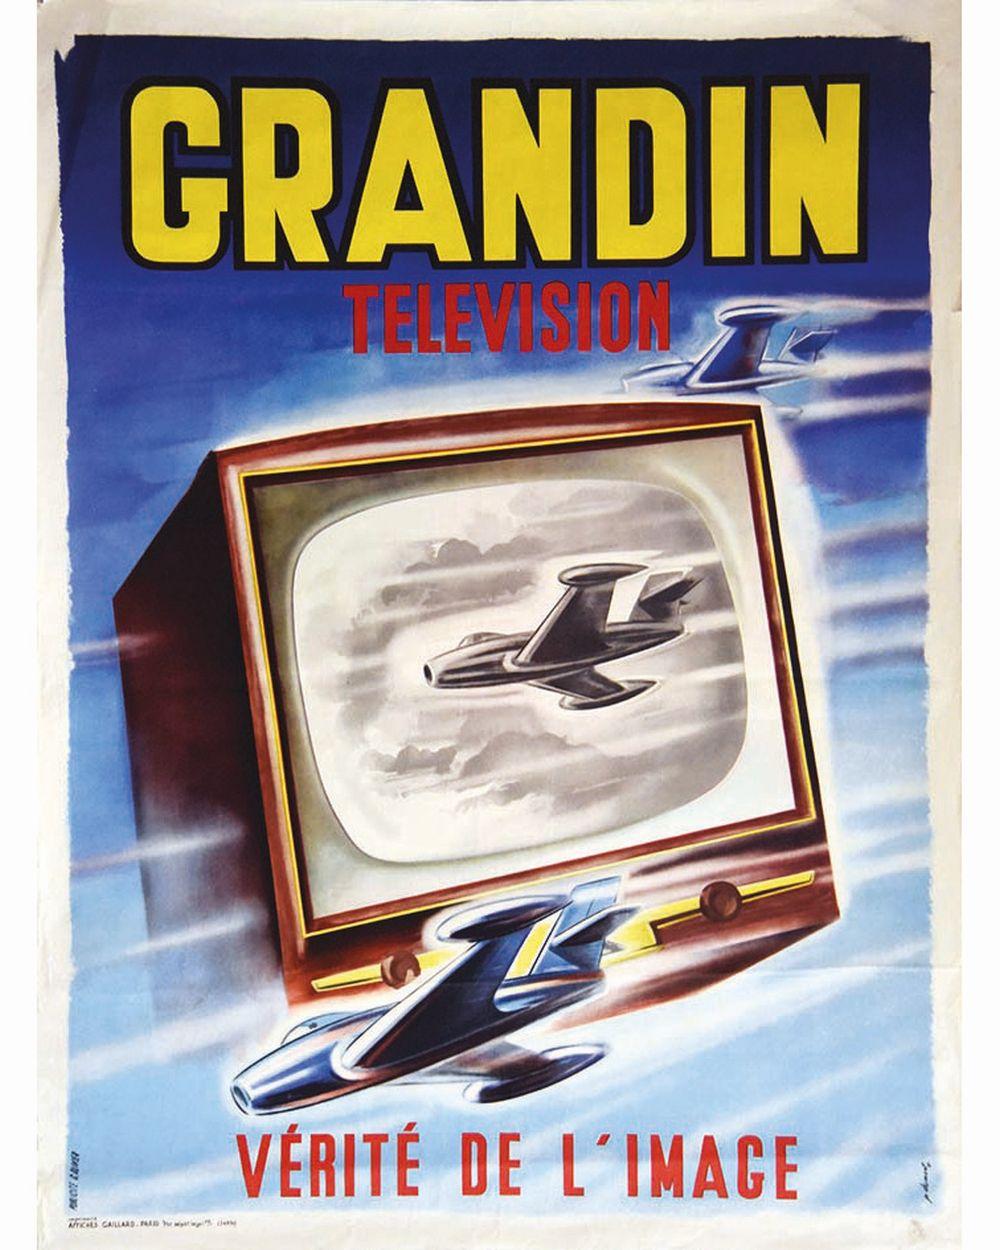 DUMONT PIERRE - Grandin Télévision Vérité de L'Image     1957